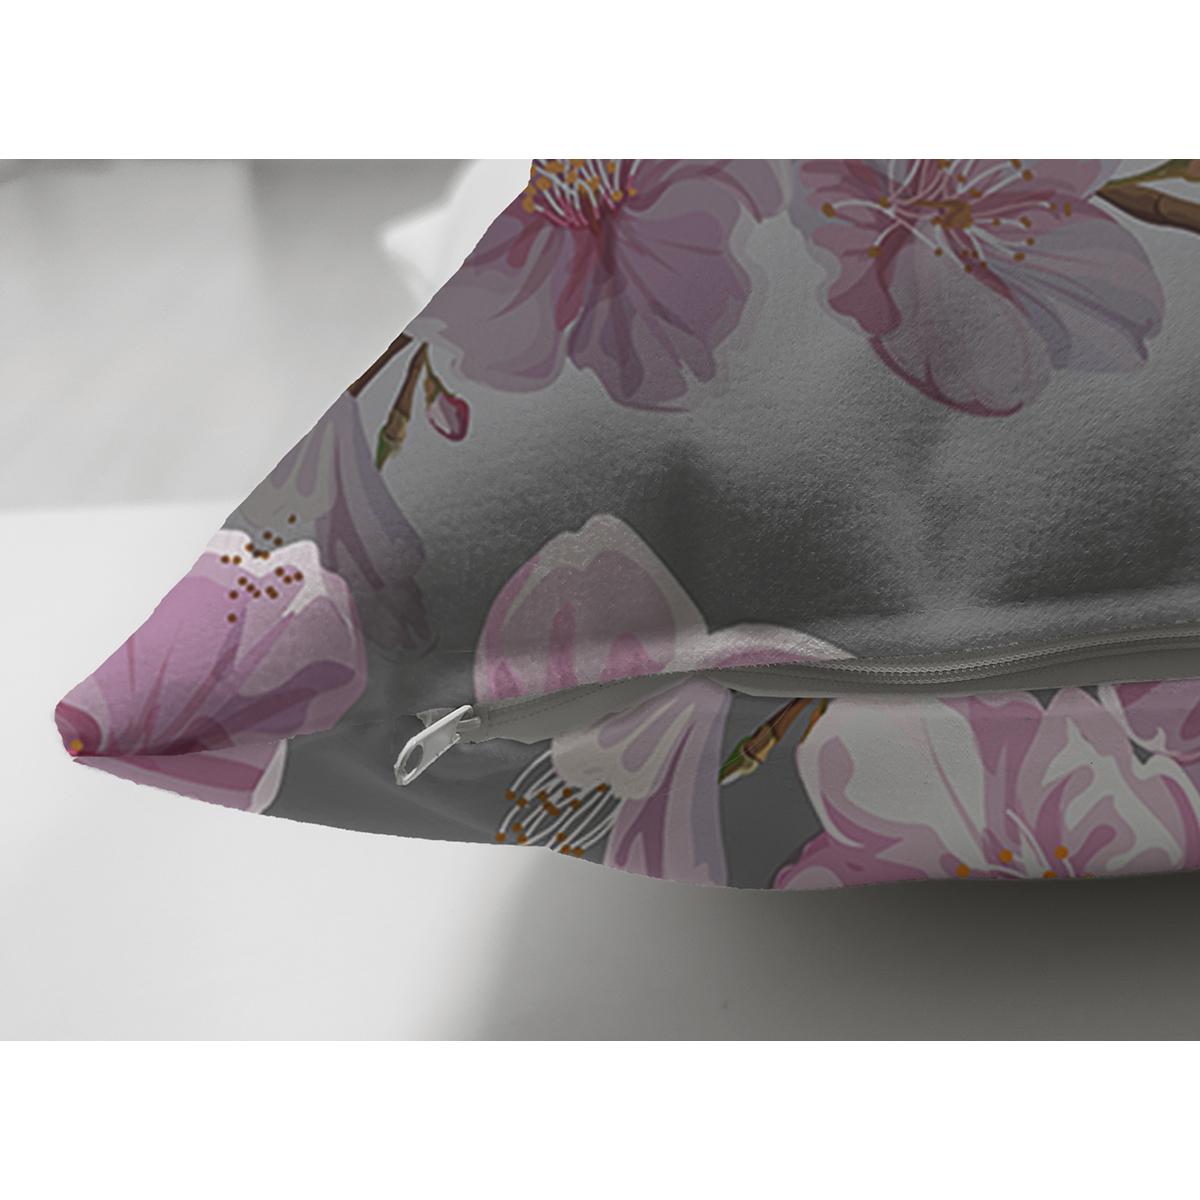 Çift Taraflı Renkli Zemin Üzerinde Çiçek Desenli Dijital Baskılı Modern Süet Yastık Kırlent Kılıfı Realhomes